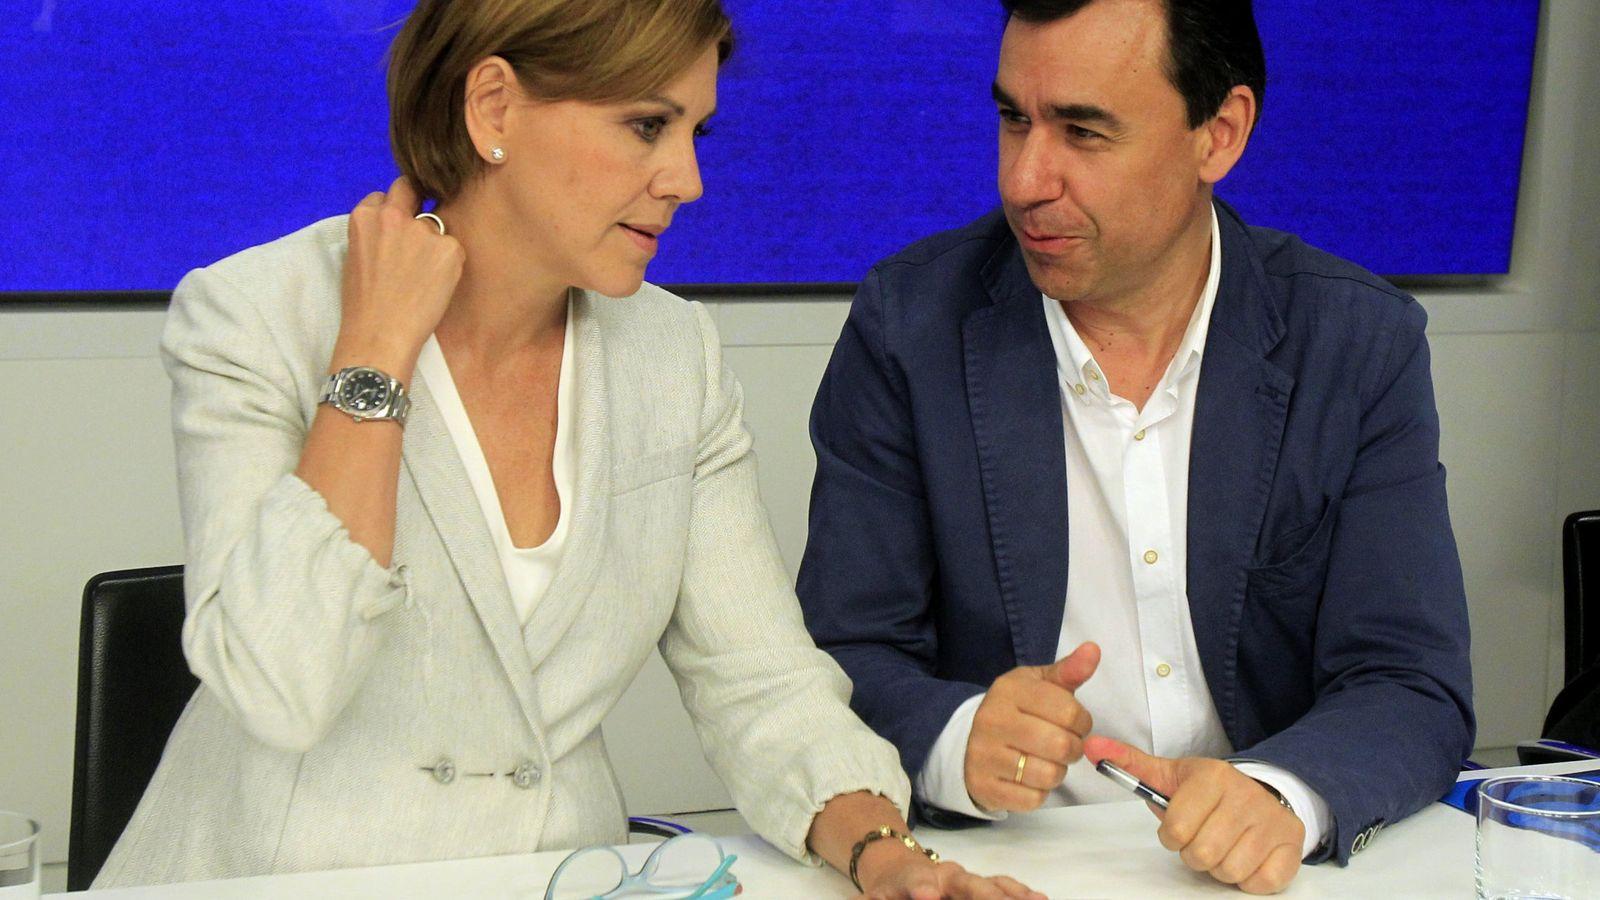 Foto: La secretaria general del PP, María Dolores de Cospedal, conversa con el vicesecretario general del PP, Fernando Martínez-Maillo. (EFE)